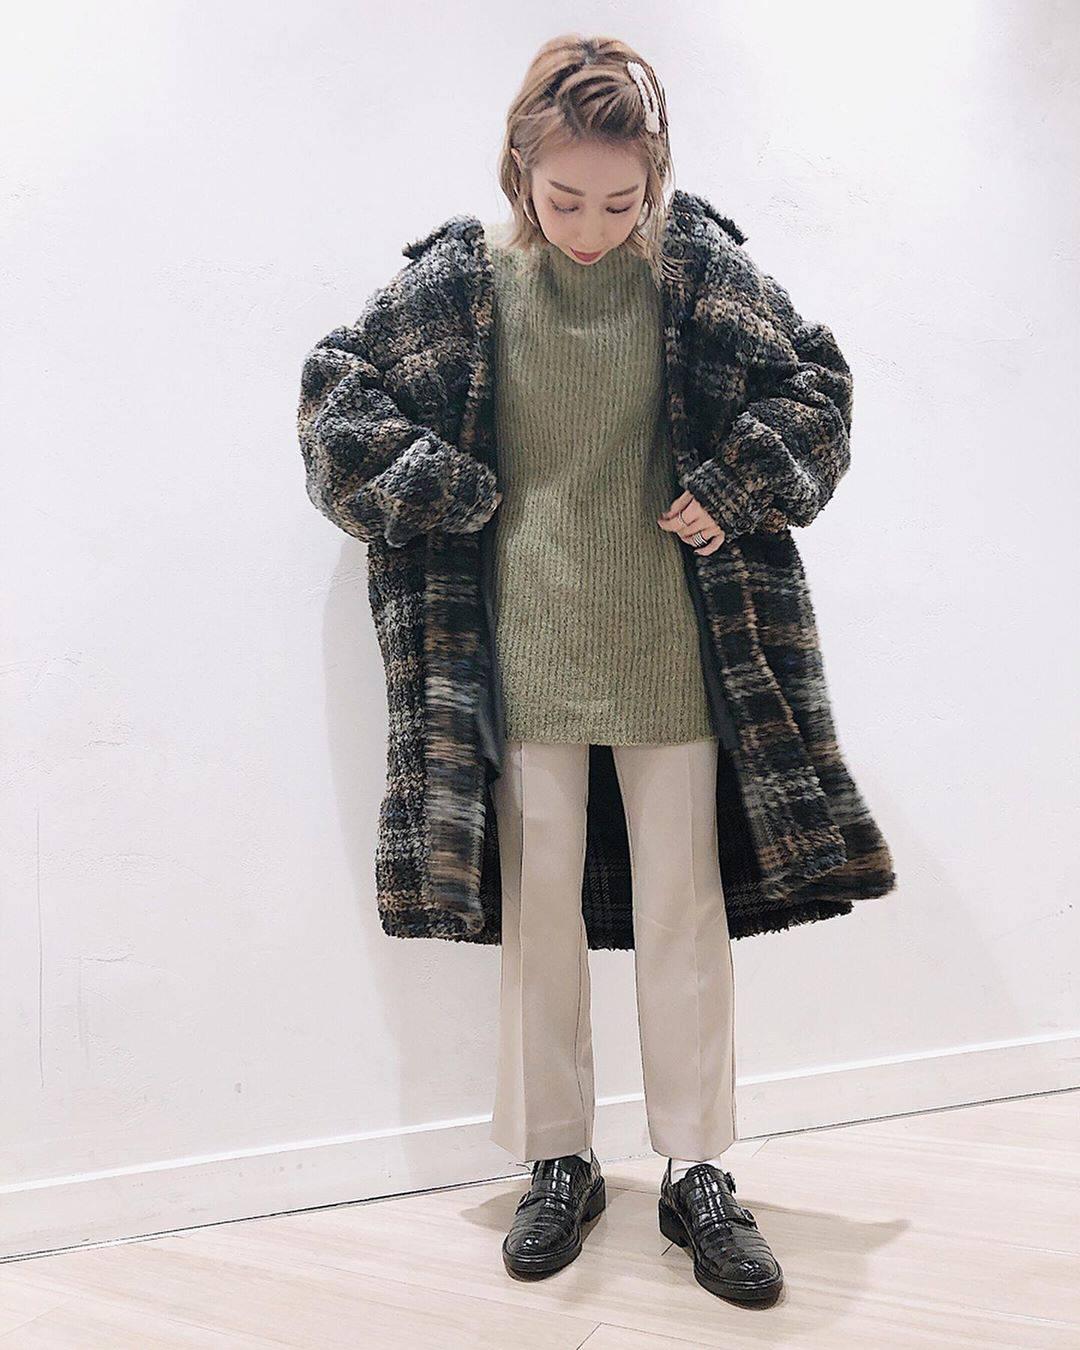 最高気温9度・最低気温3度 akaririri_1022の服装